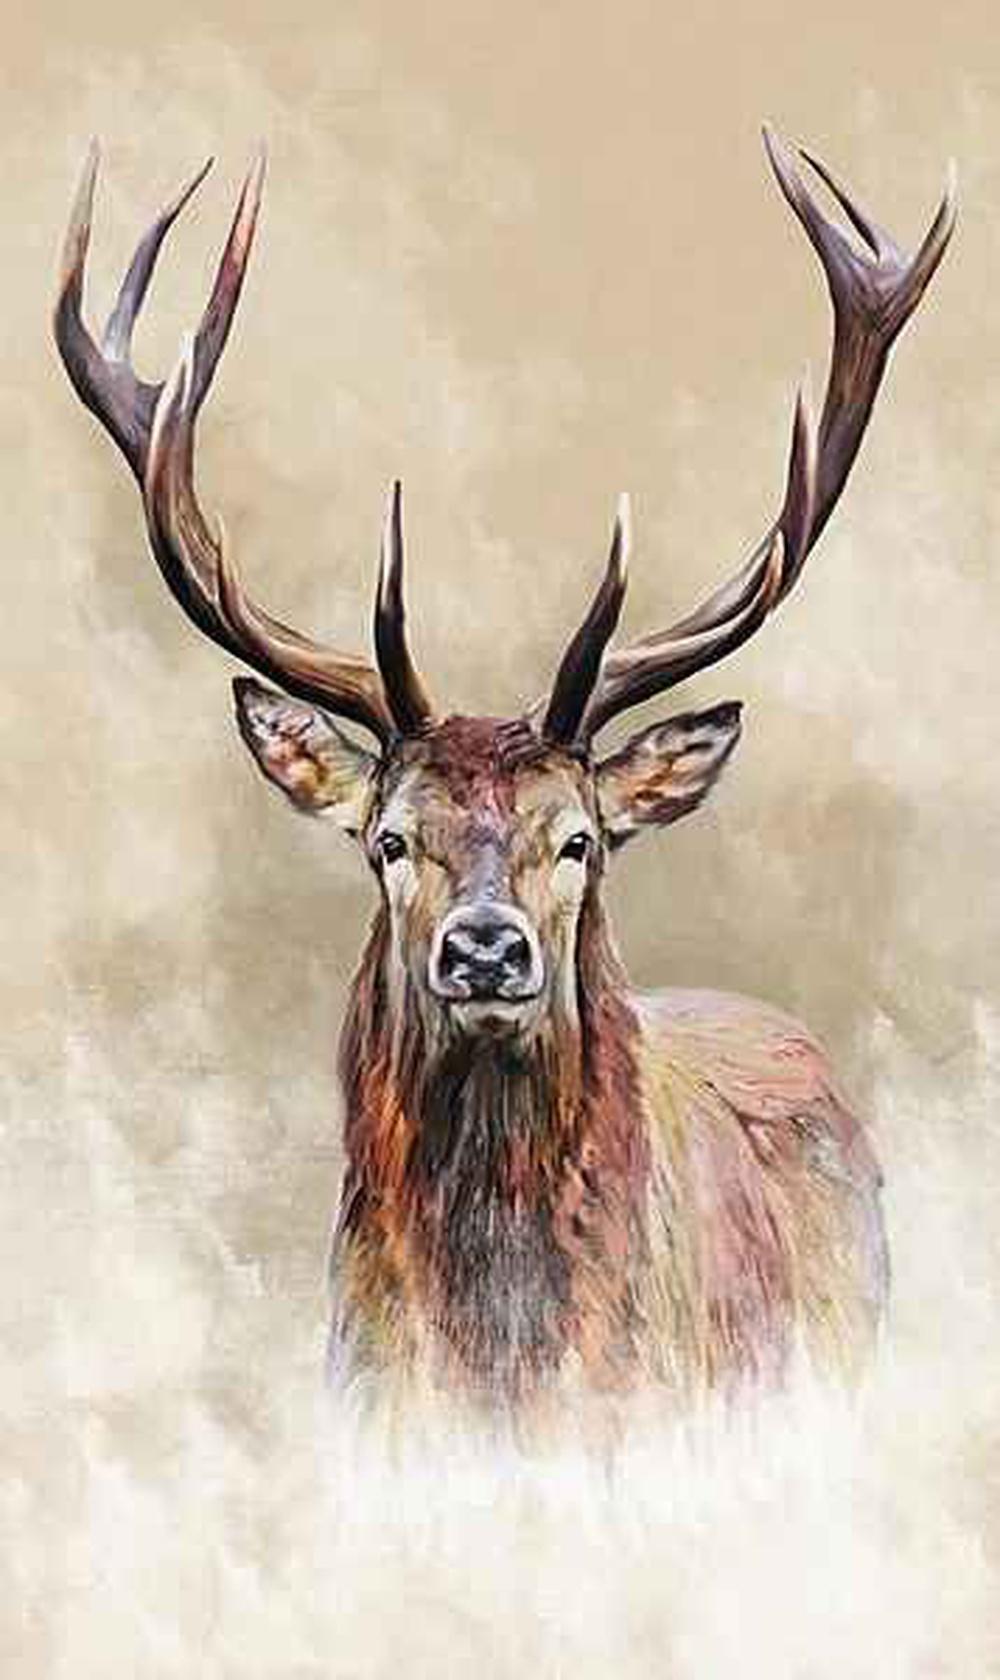 Peu d'animaux sauvages ont été domestiqués avec succès au cours de l'histoire, car une déficience dans l'un des nombreux facteurs peut rendre une espèce non domestiquée